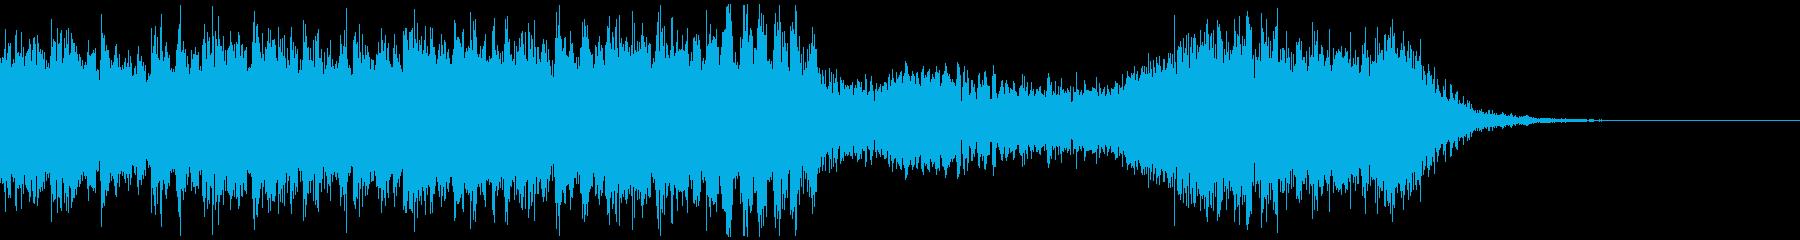 【予告編】ハリウッド・トレーラー・ダークの再生済みの波形